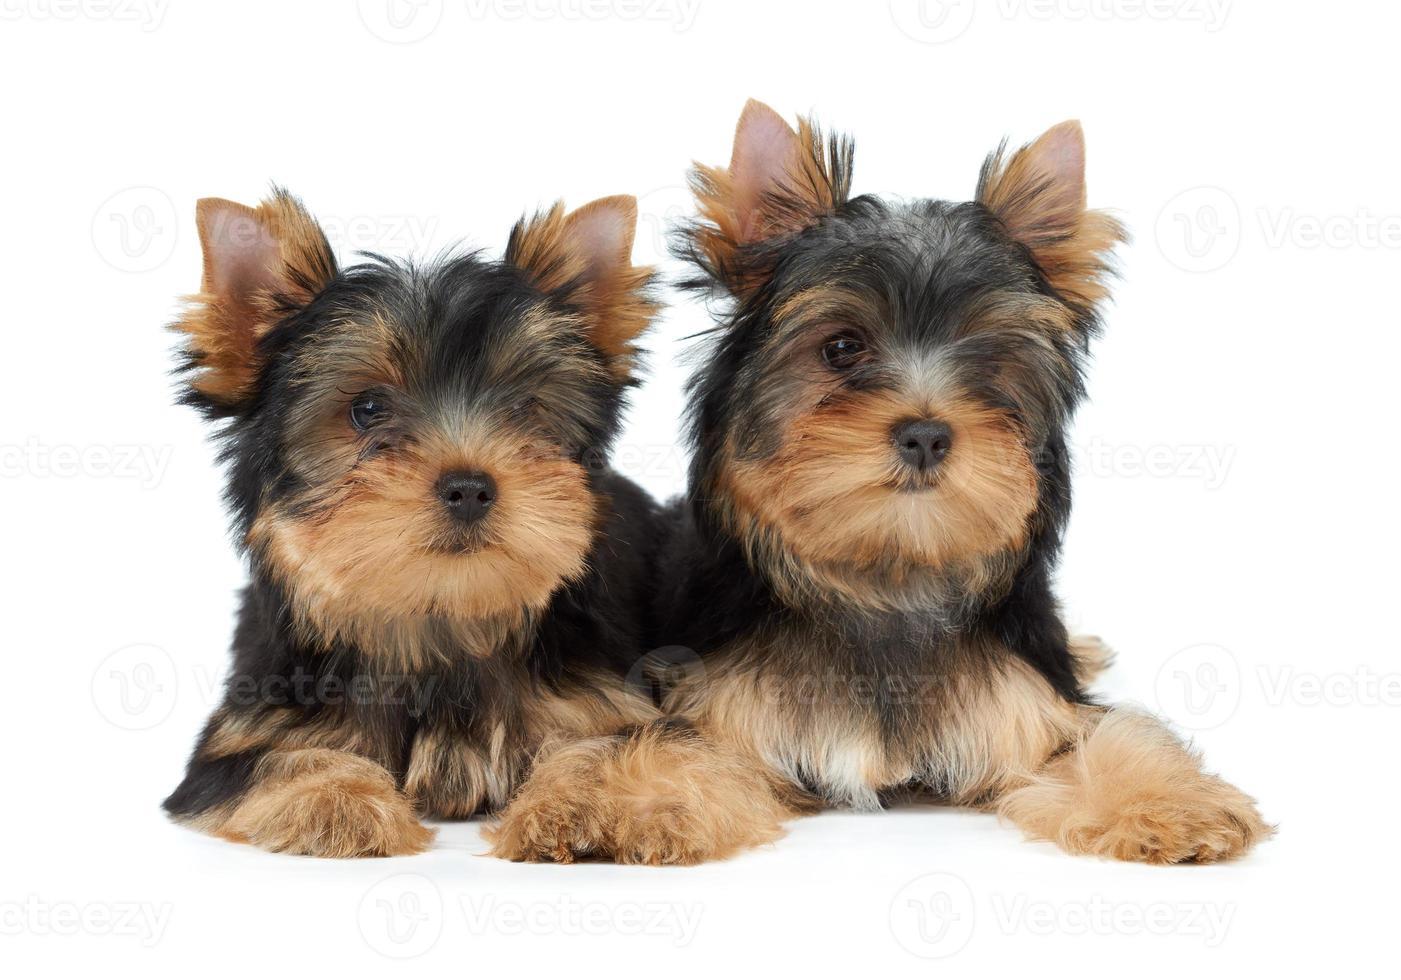 deux petits animaux photo